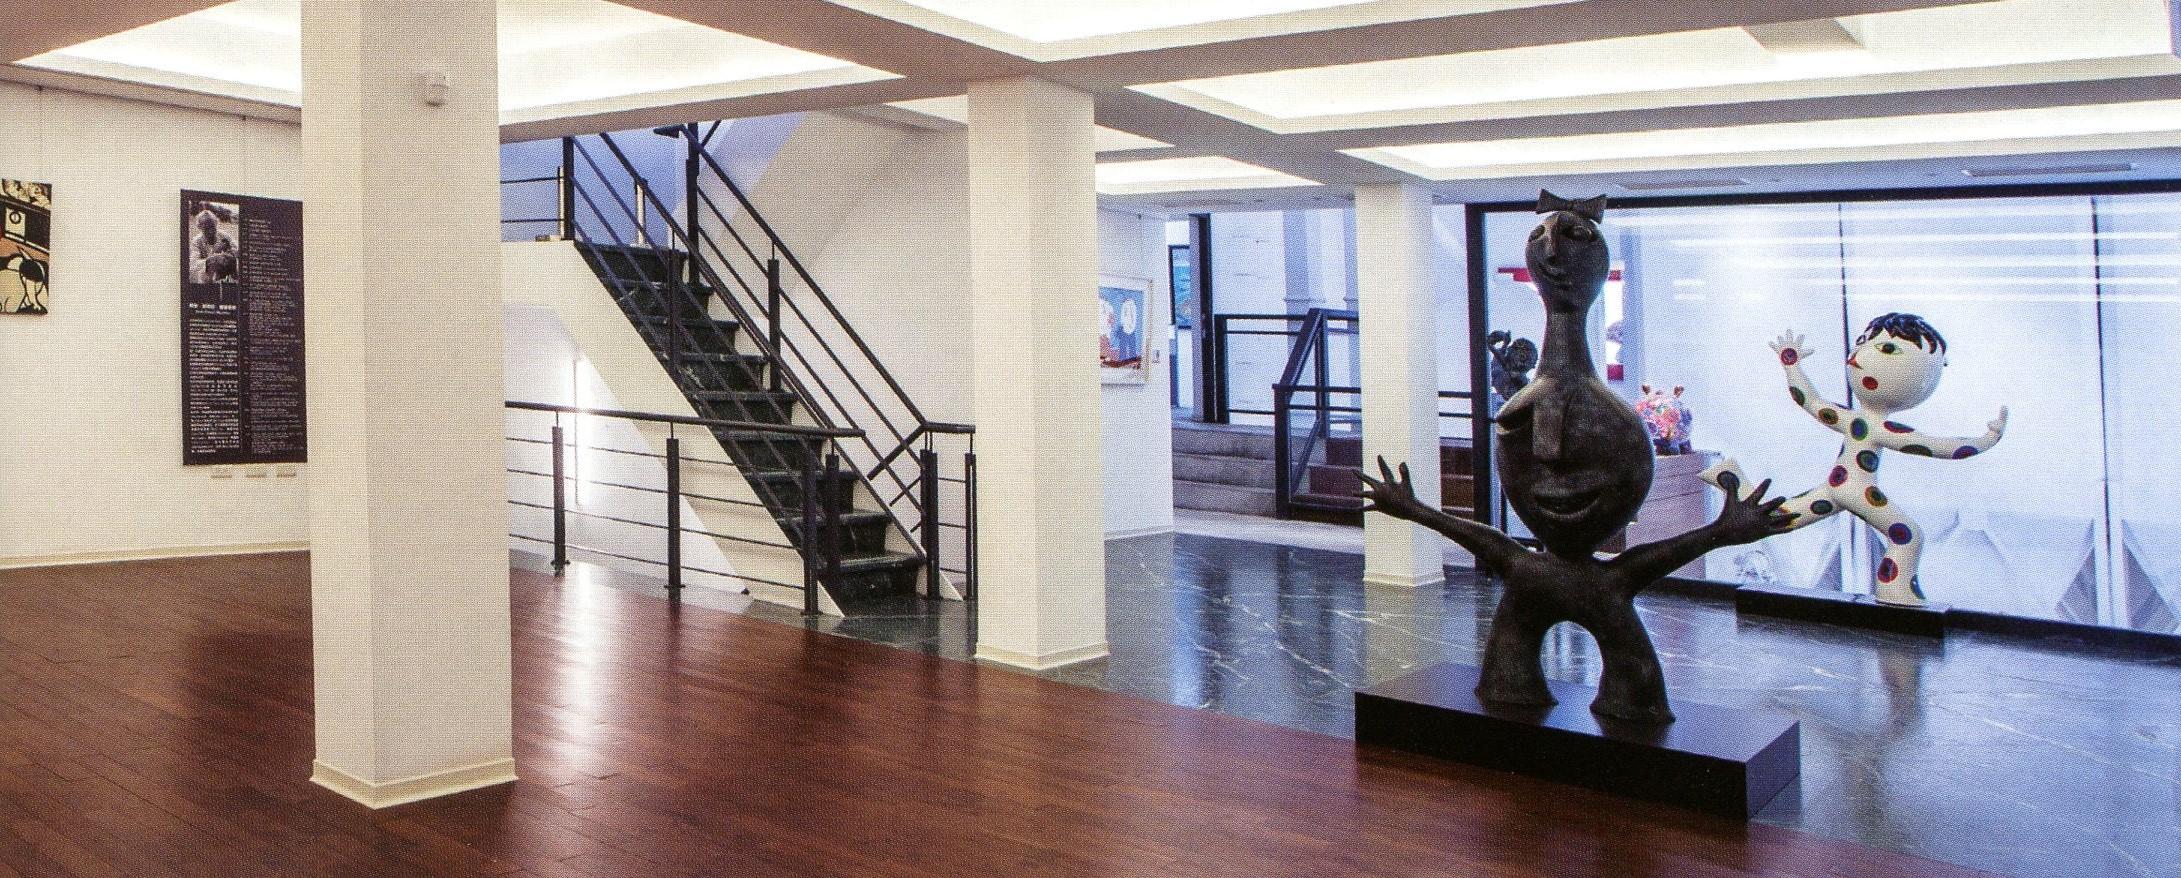 二樓展演廳提供藝術家作品展出與大眾互動